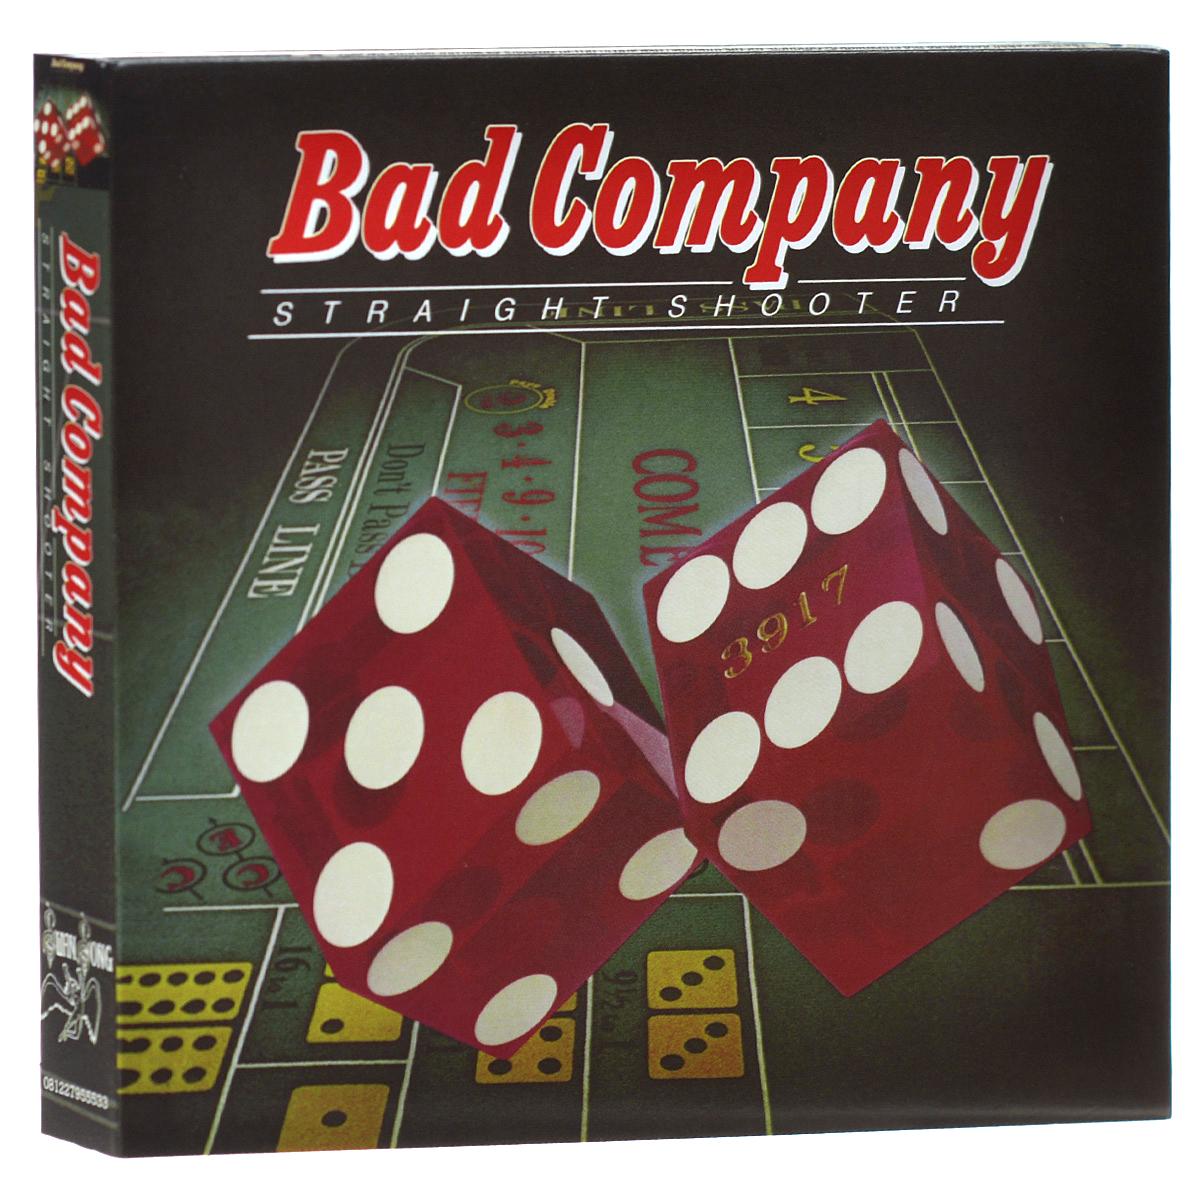 Bad Company Bad Company. Straight Shooter. Deluxe Edition (2 CD) bad company bad company straight shooter deluxe edition 2 cd